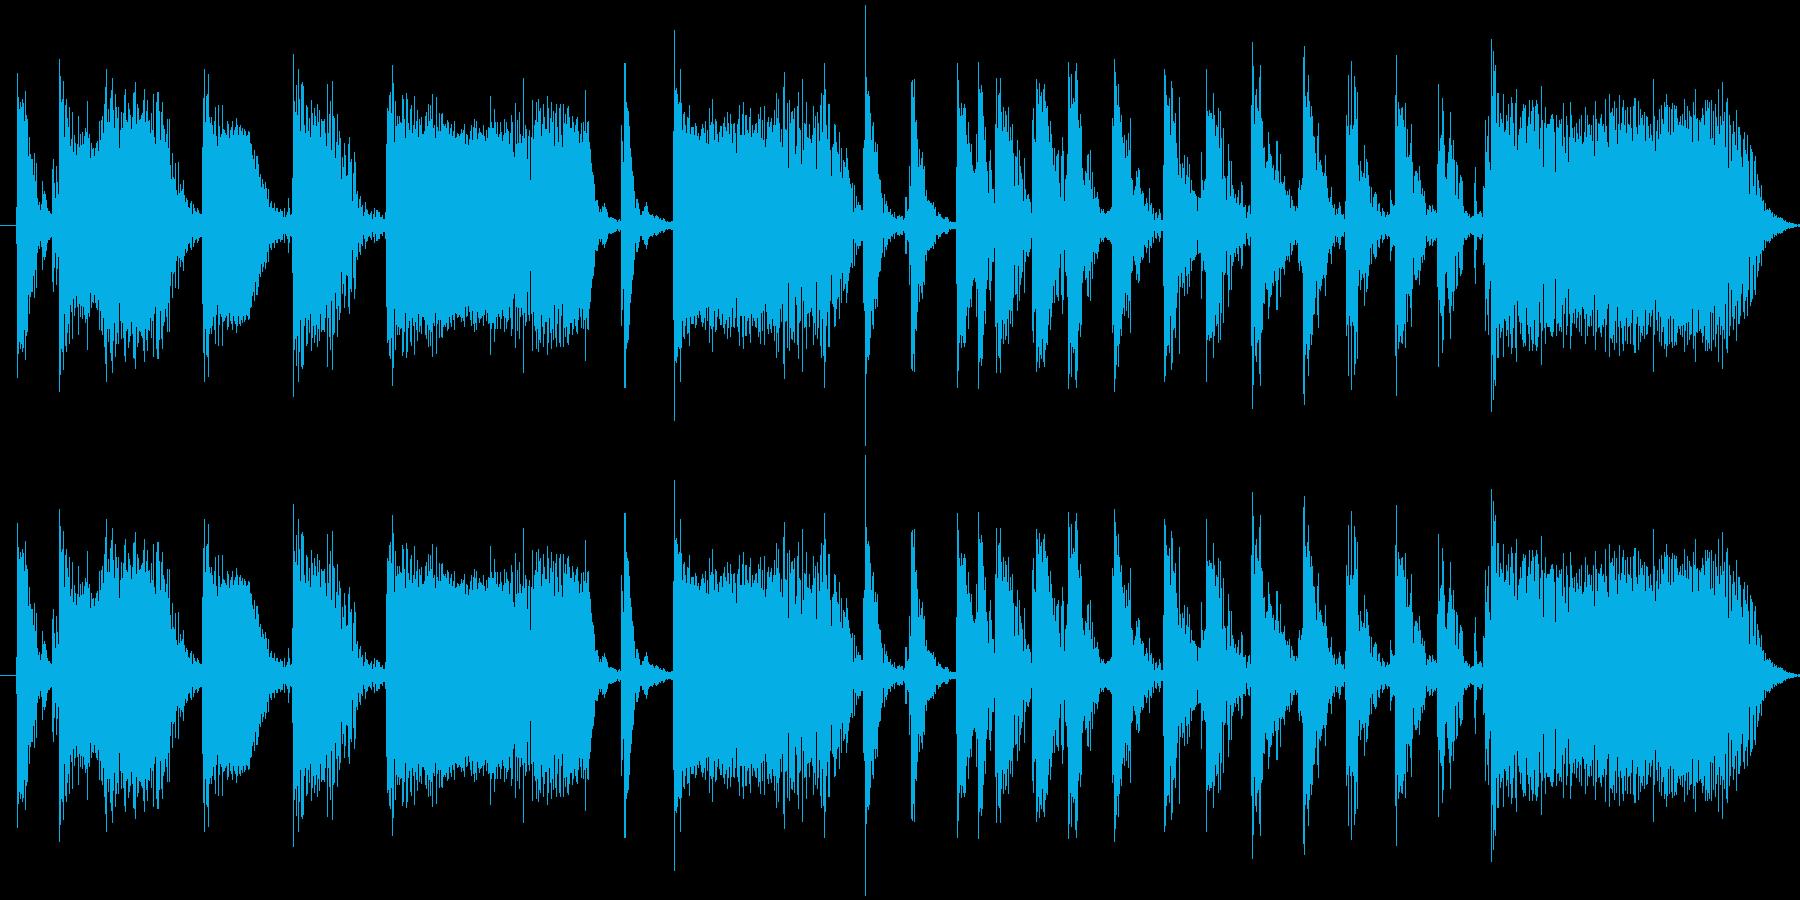 【エレキ ギター】カッティング・フレーズの再生済みの波形